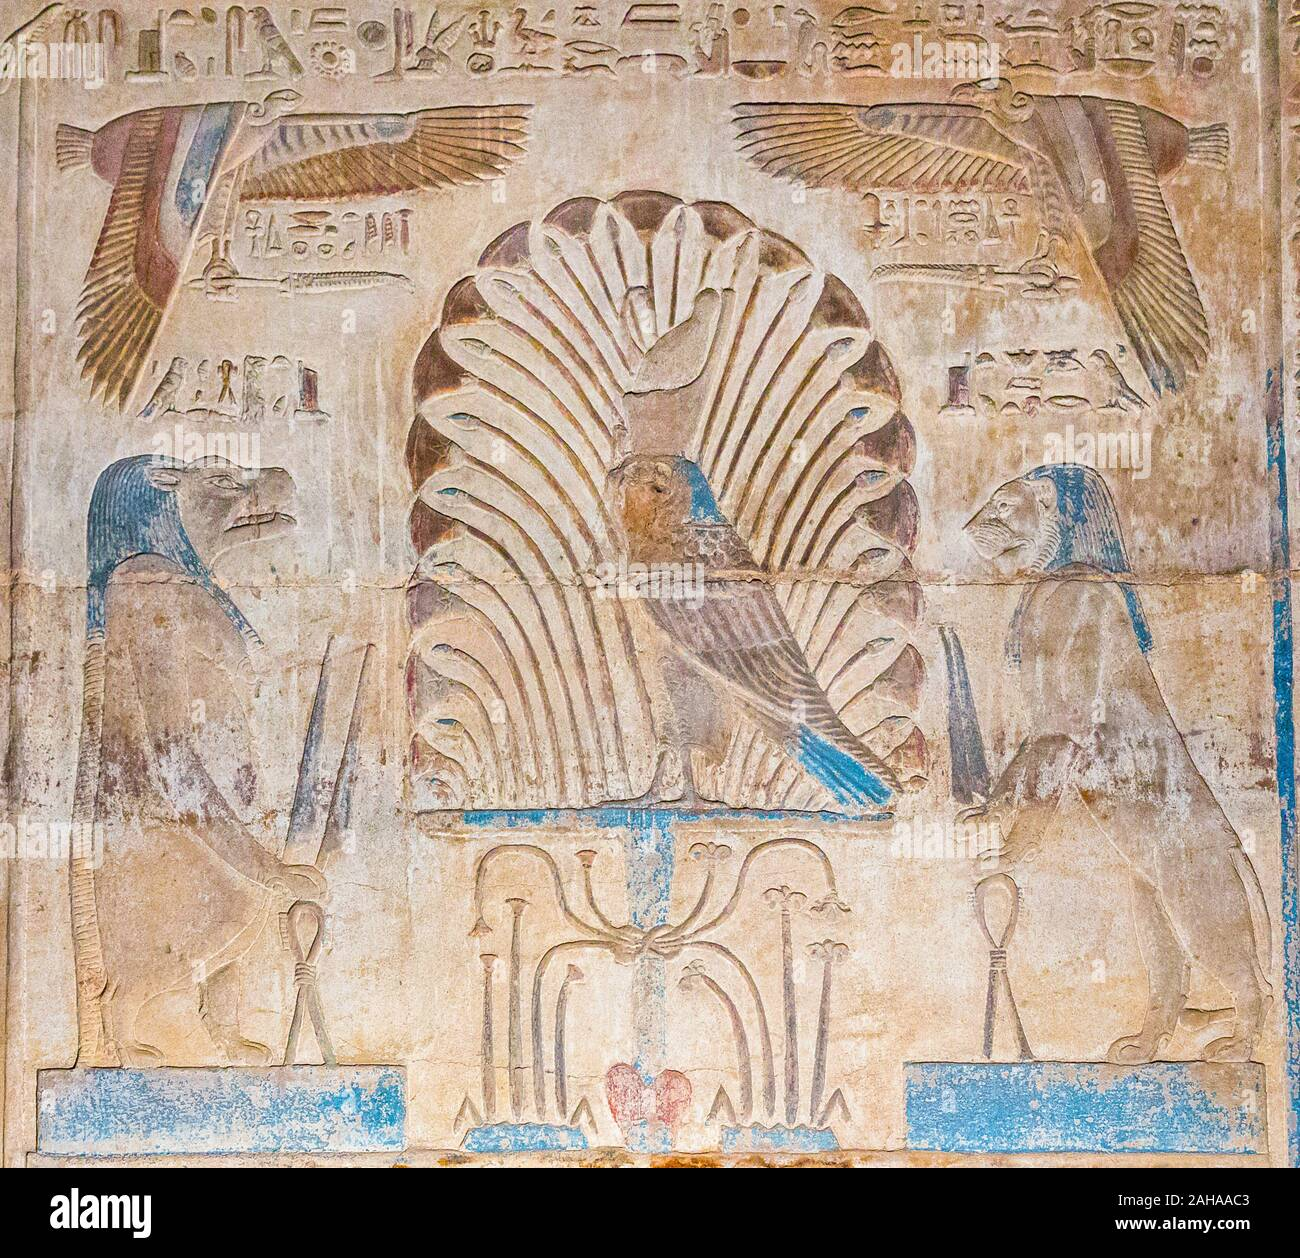 Thèbes en Egypte, Karnak temple ptolémaïque, site de l'OFFT. Horus comme un faucon se dresse sur un Sema-Tawy (union des terres 2). Banque D'Images